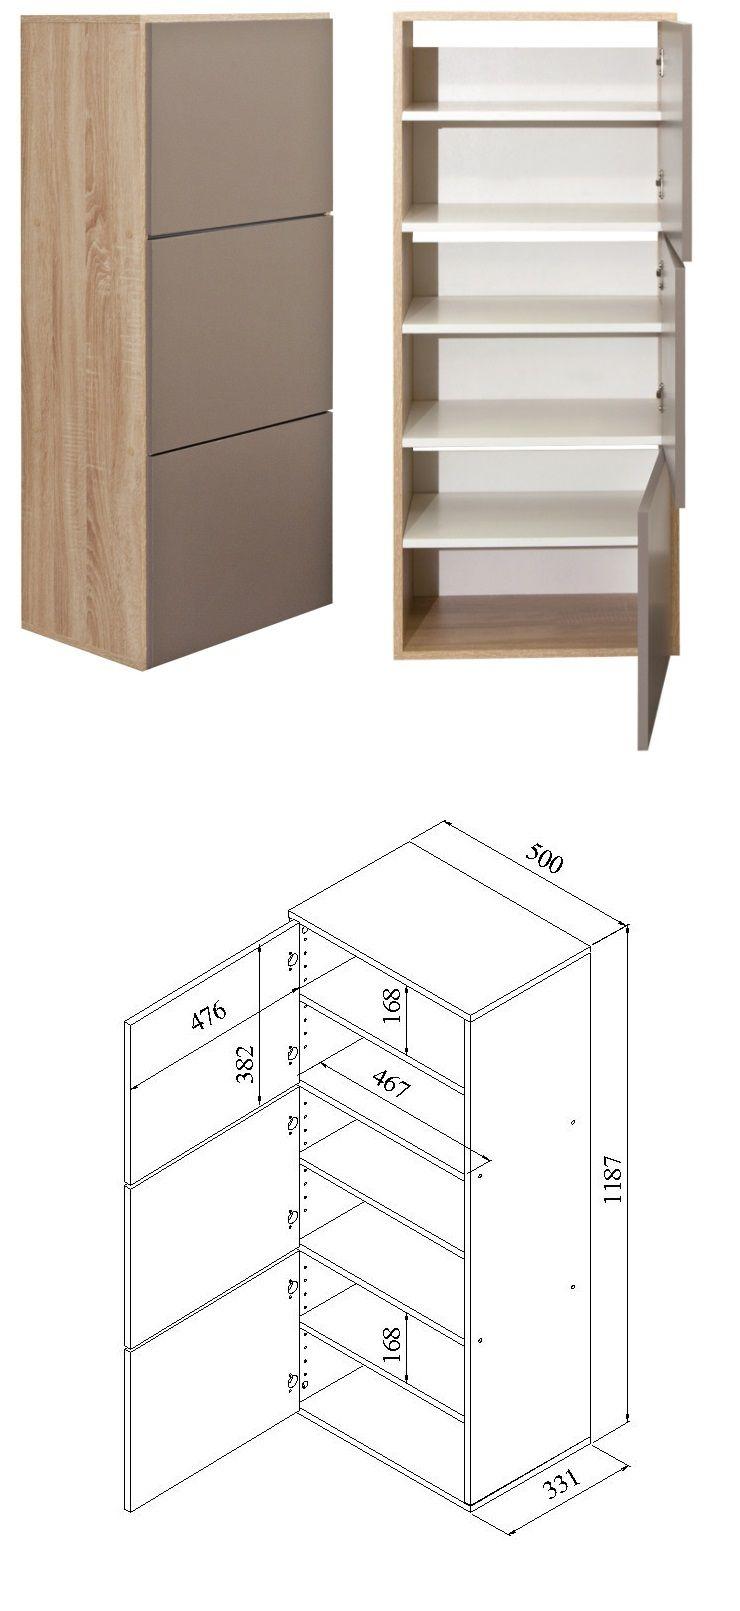 shoes meuble chaussures 50 cm d cor ch ne naturel et taupe achat vente meuble chaussures. Black Bedroom Furniture Sets. Home Design Ideas